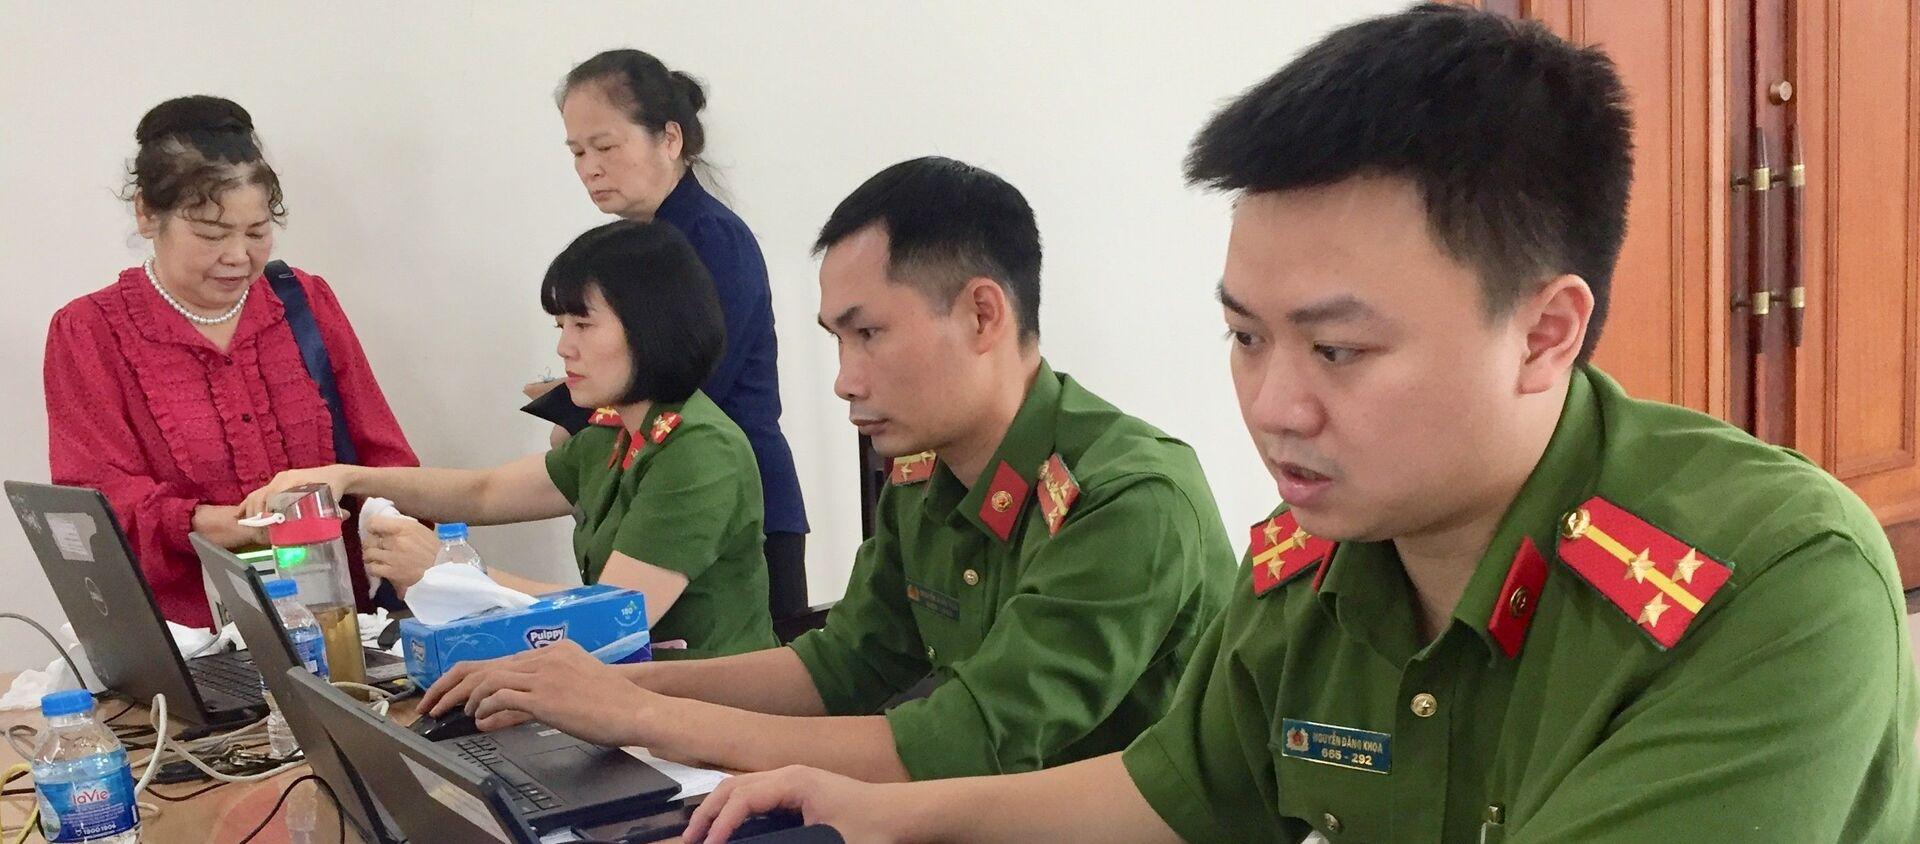 Công an thành phố Hà Nội thực hiện làm thẻ căn cước công dân gắn chíp cho người dân.  - Sputnik Việt Nam, 1920, 19.06.2021